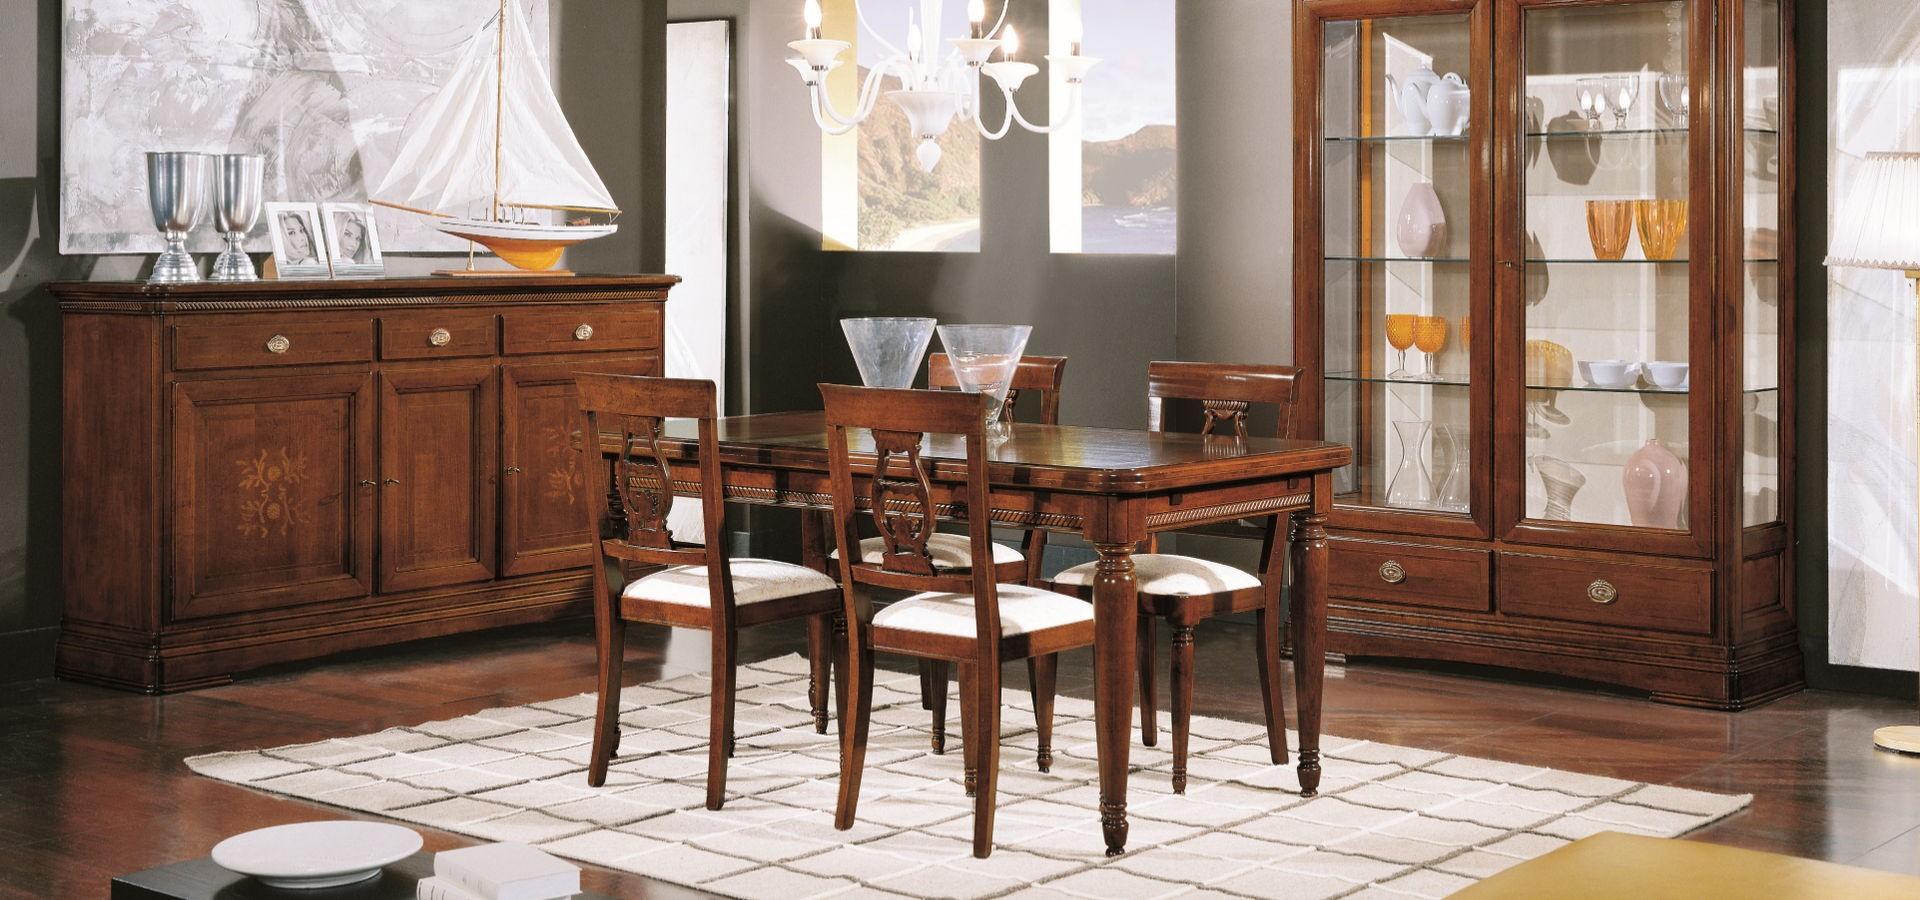 Produzione mobili in stile bn arredo - Mobili tre ci ...